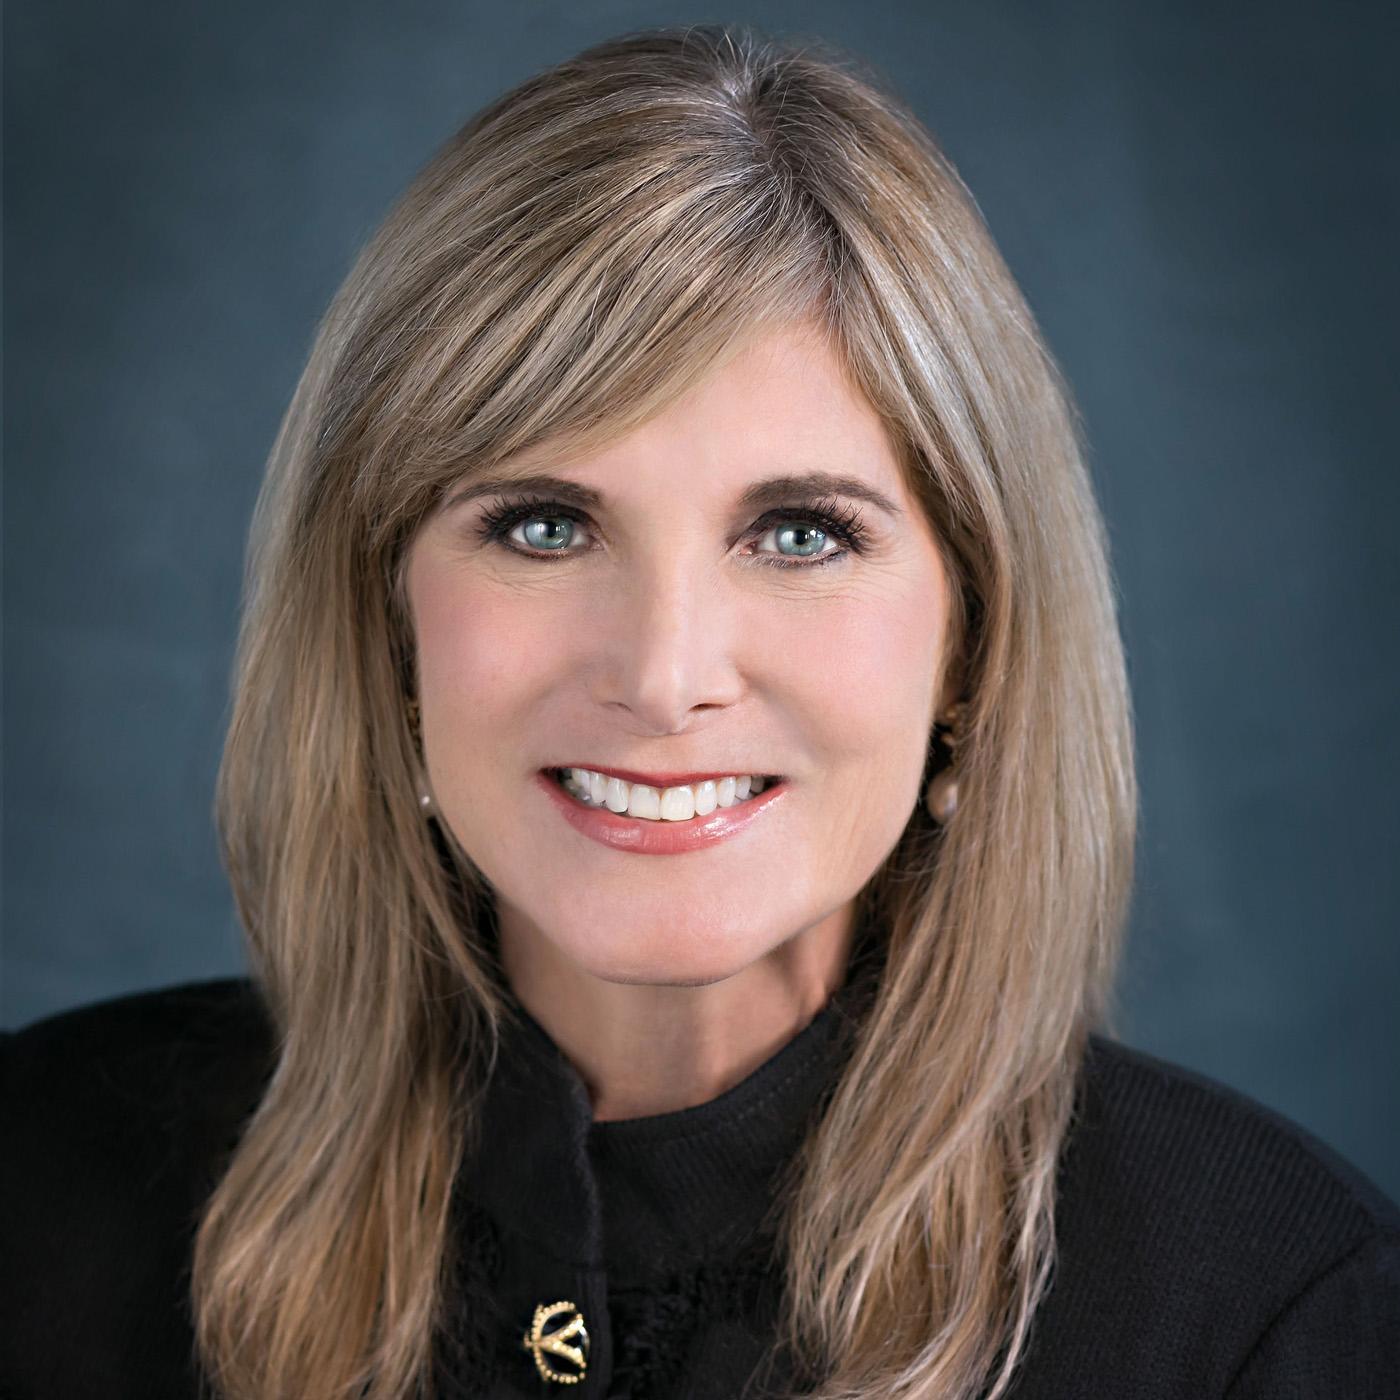 Sandy Mallory